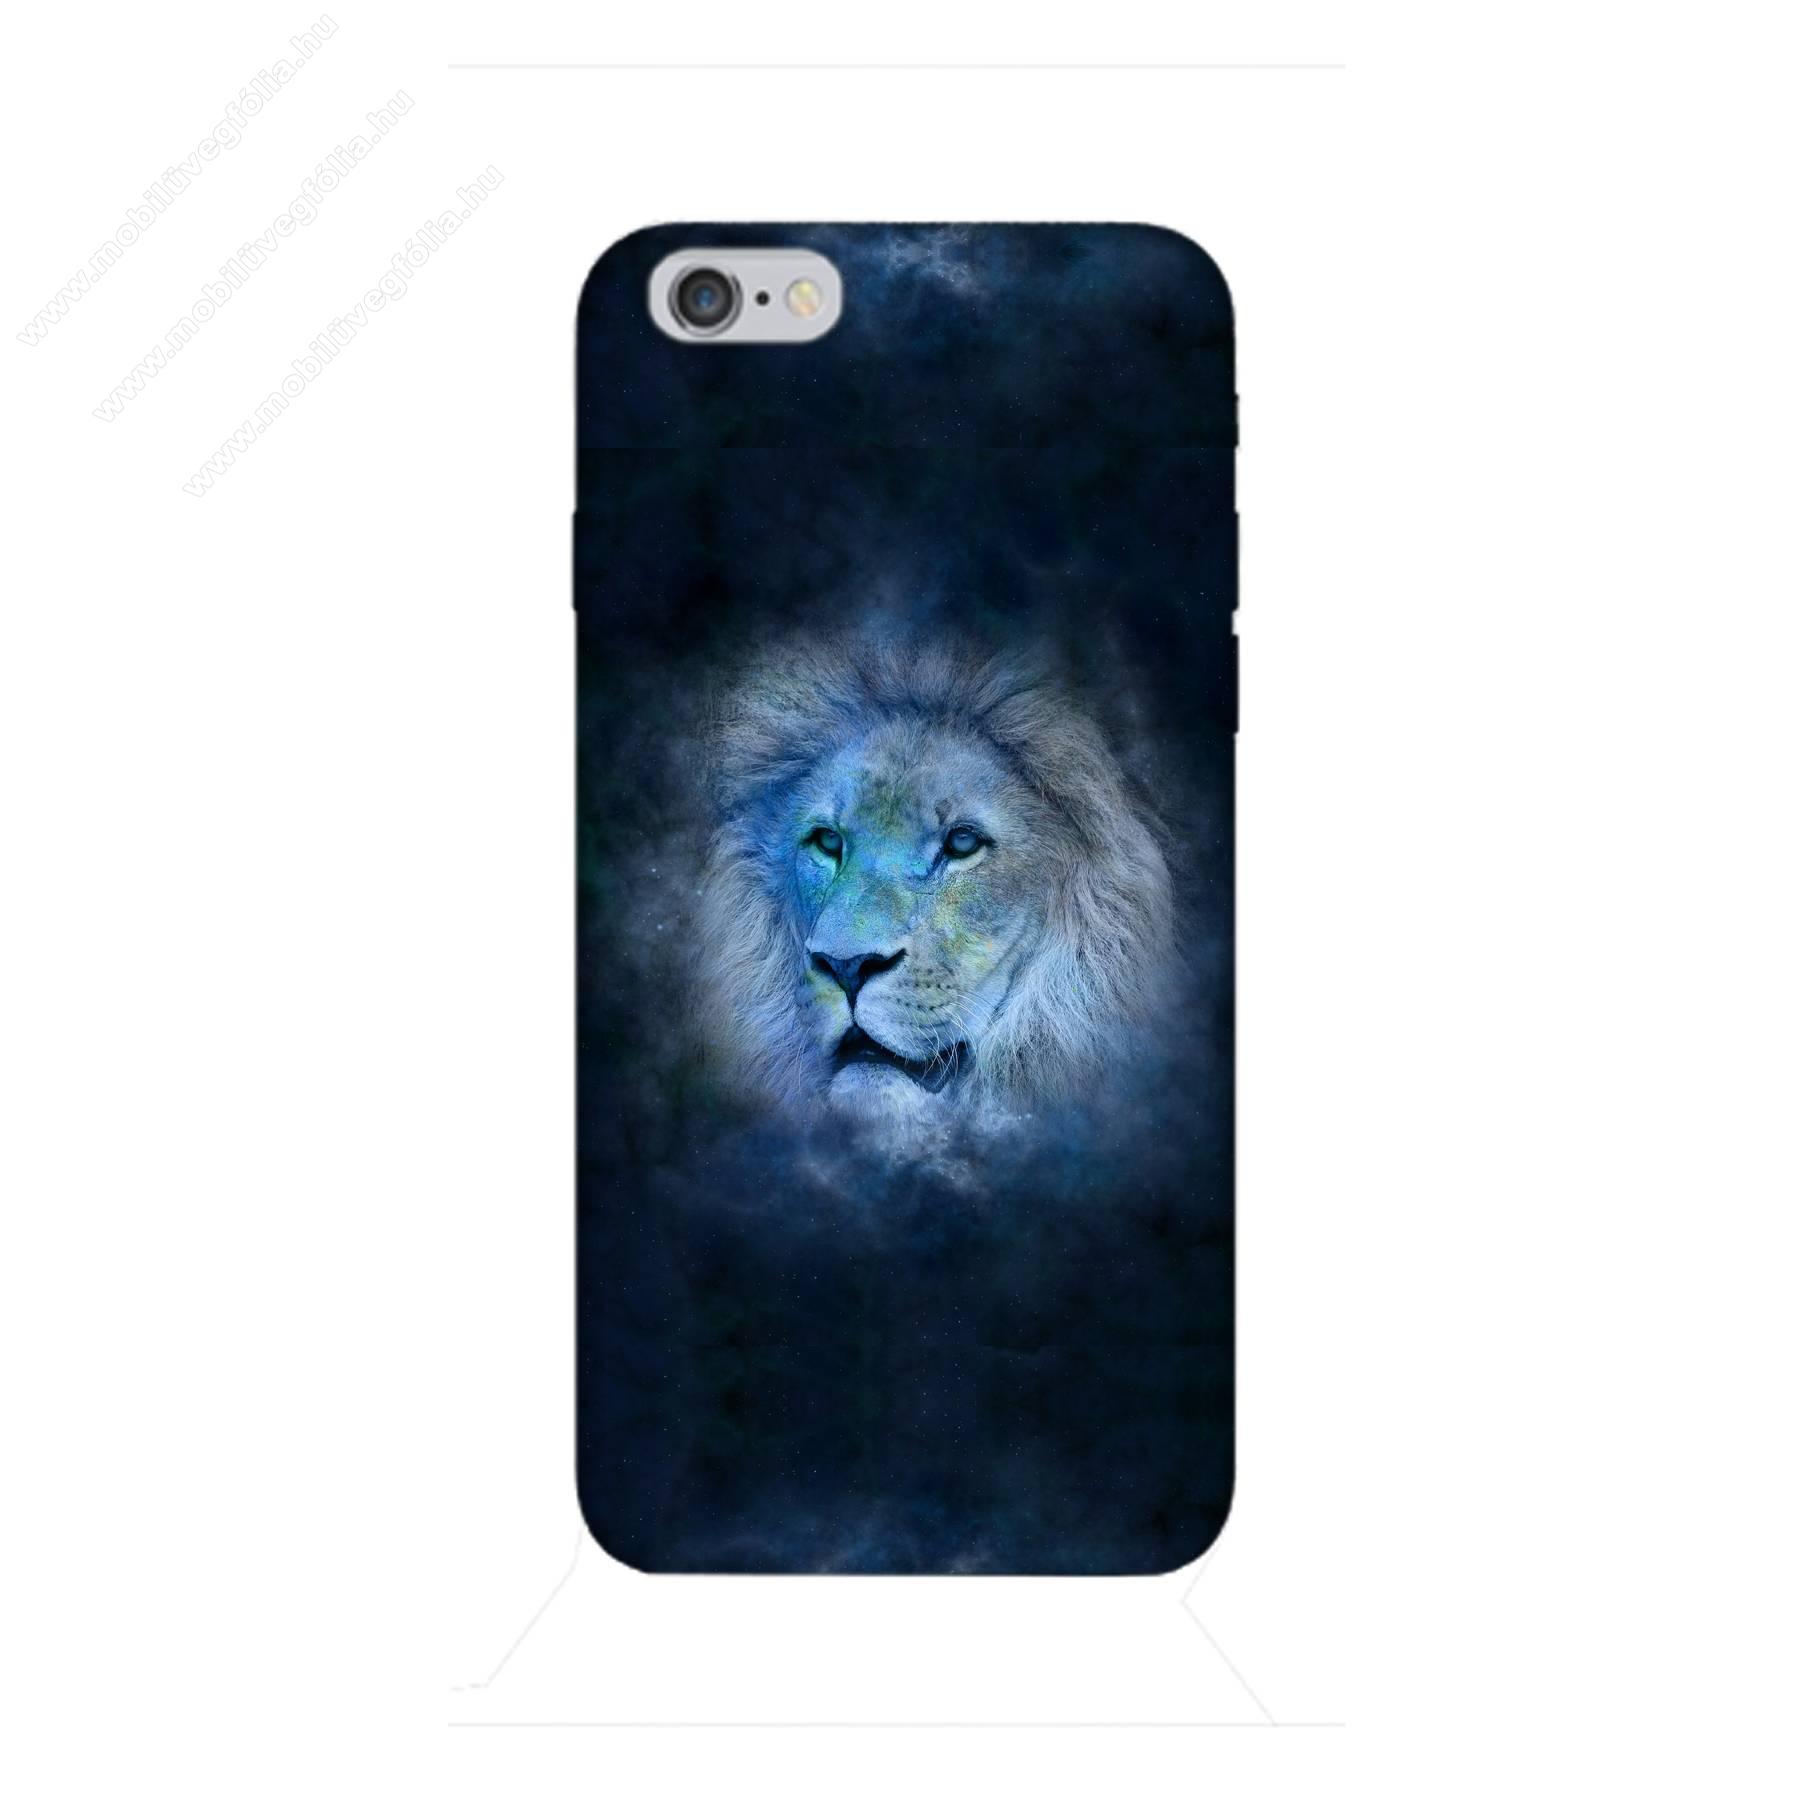 E-pic szilikon védő tok / hátlap - Horoszkóp, Oroszlán mintás - APPLE iPhone 6 / APPLE iPhone 6s